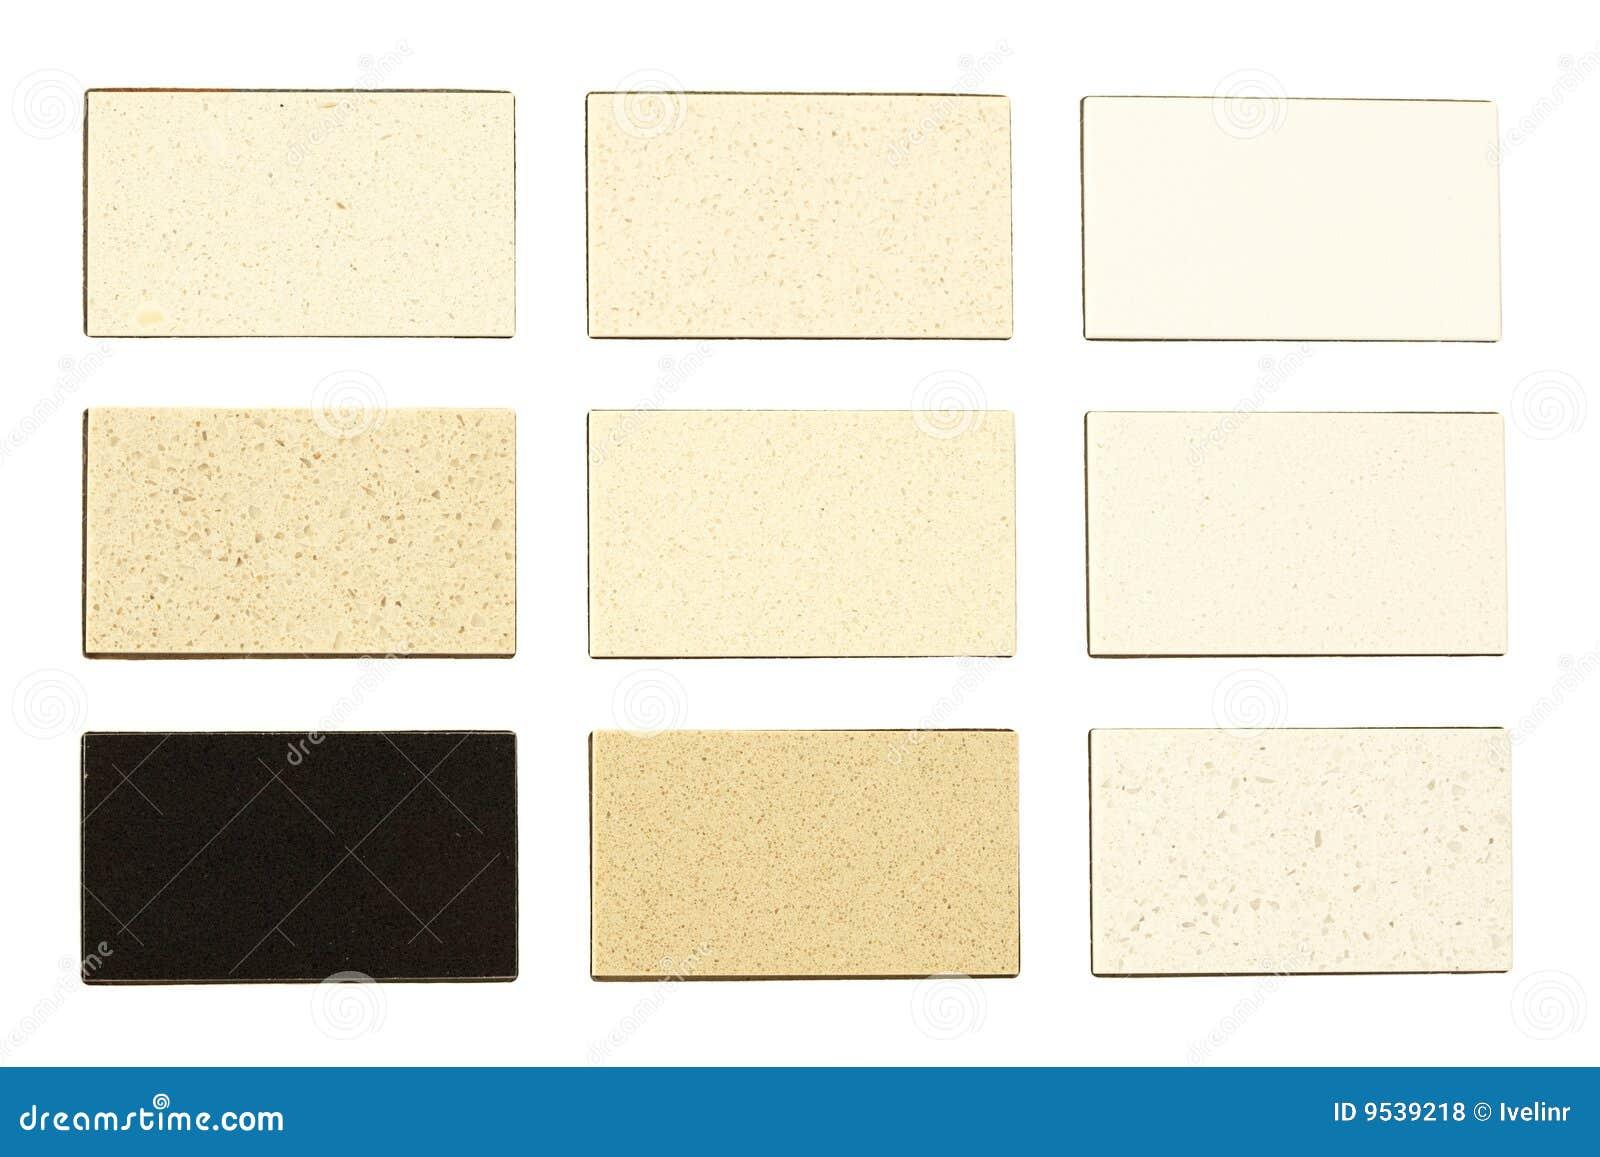 Campioni del granito per i controsoffitti della cucina for Granitos colores claros